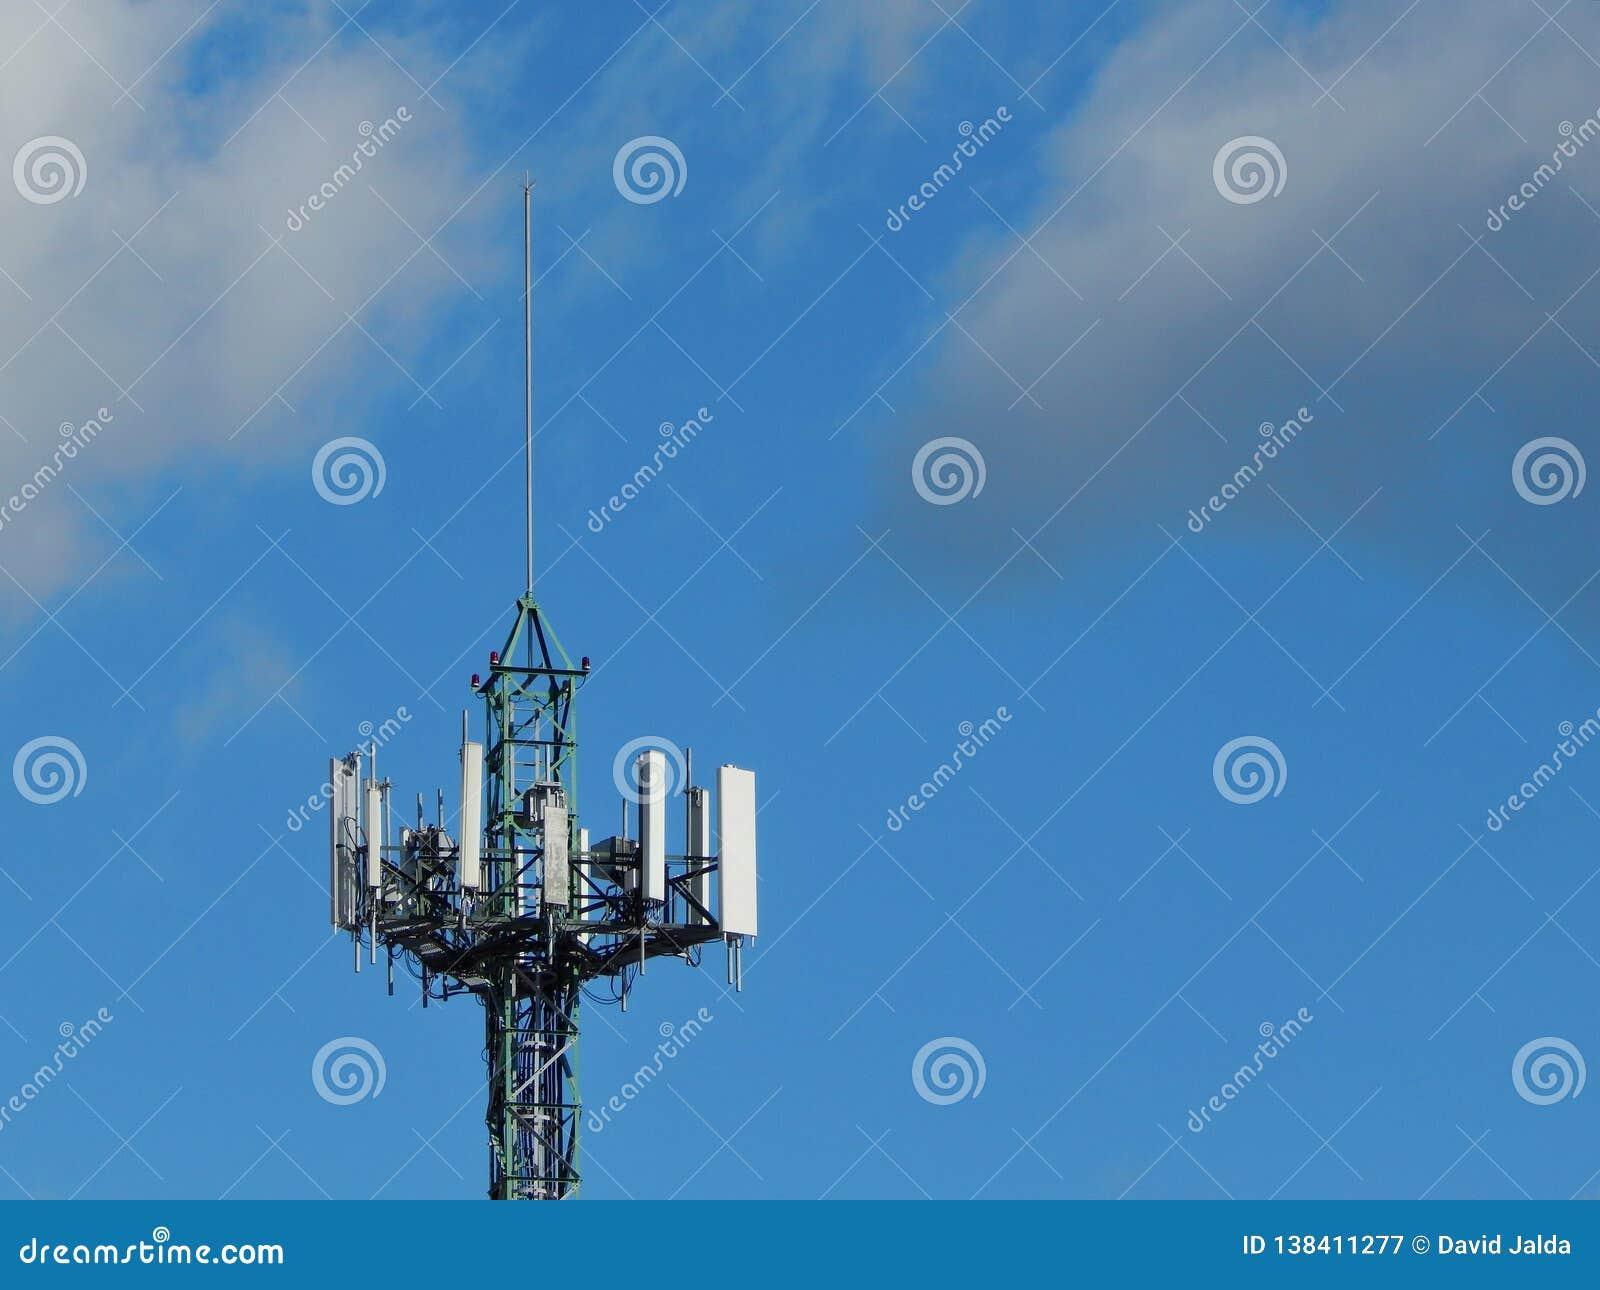 Antena das telecomunicações e céu azul com nuvens